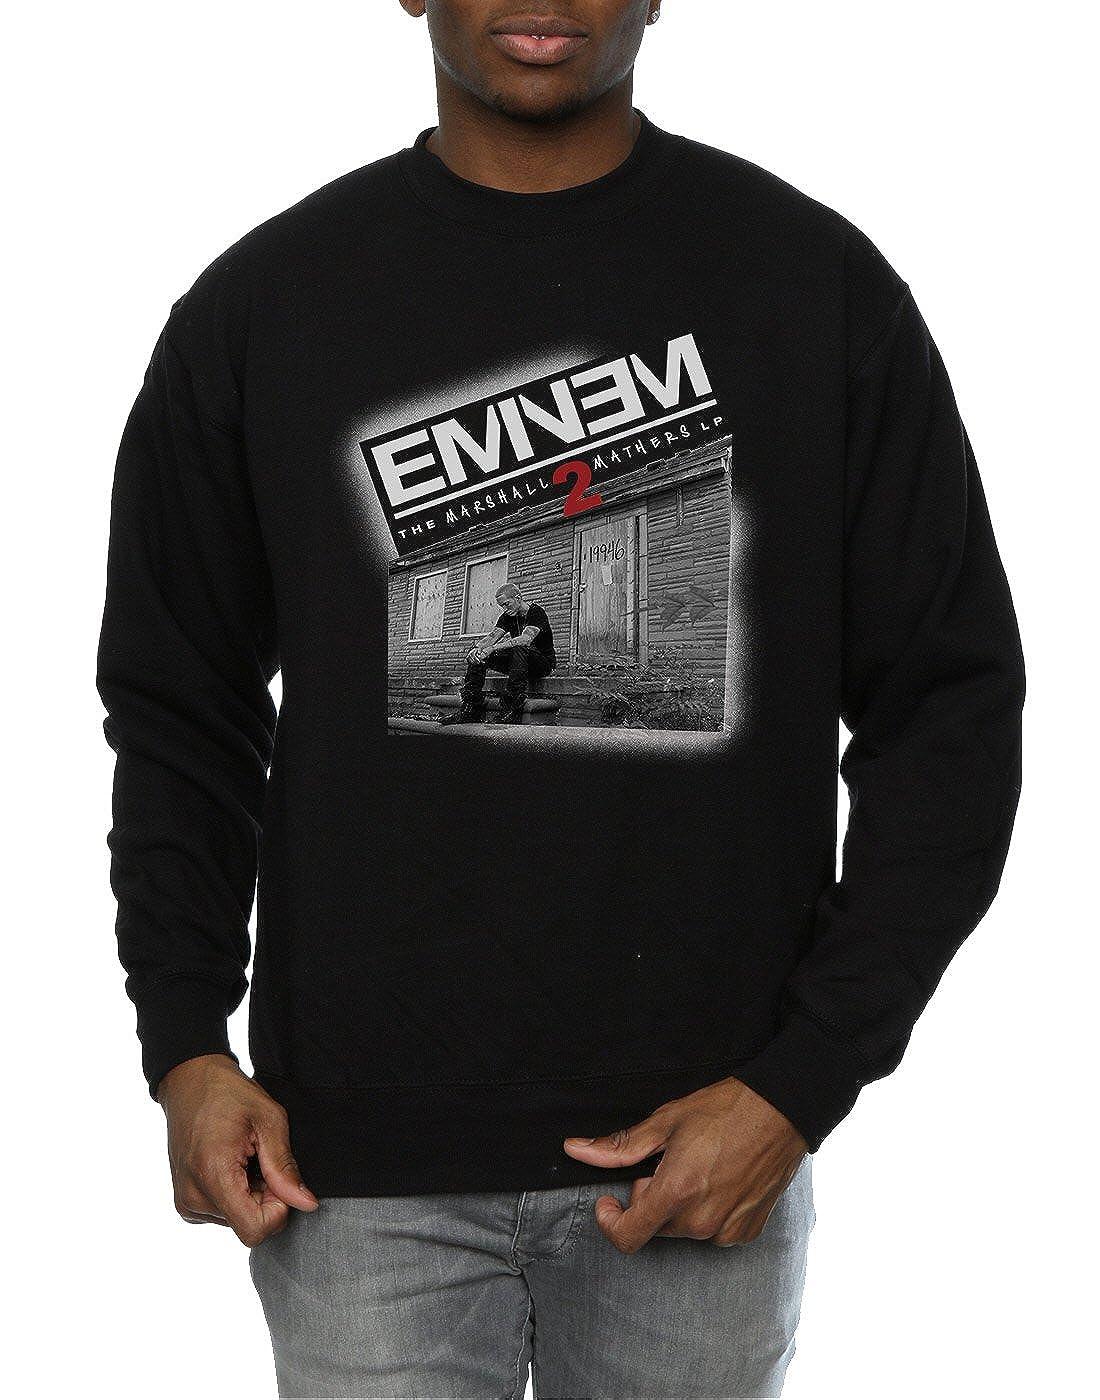 Eminem Hombre Marshall Mathers 2 Camisa De Entrenamiento: Amazon.es: Ropa y accesorios